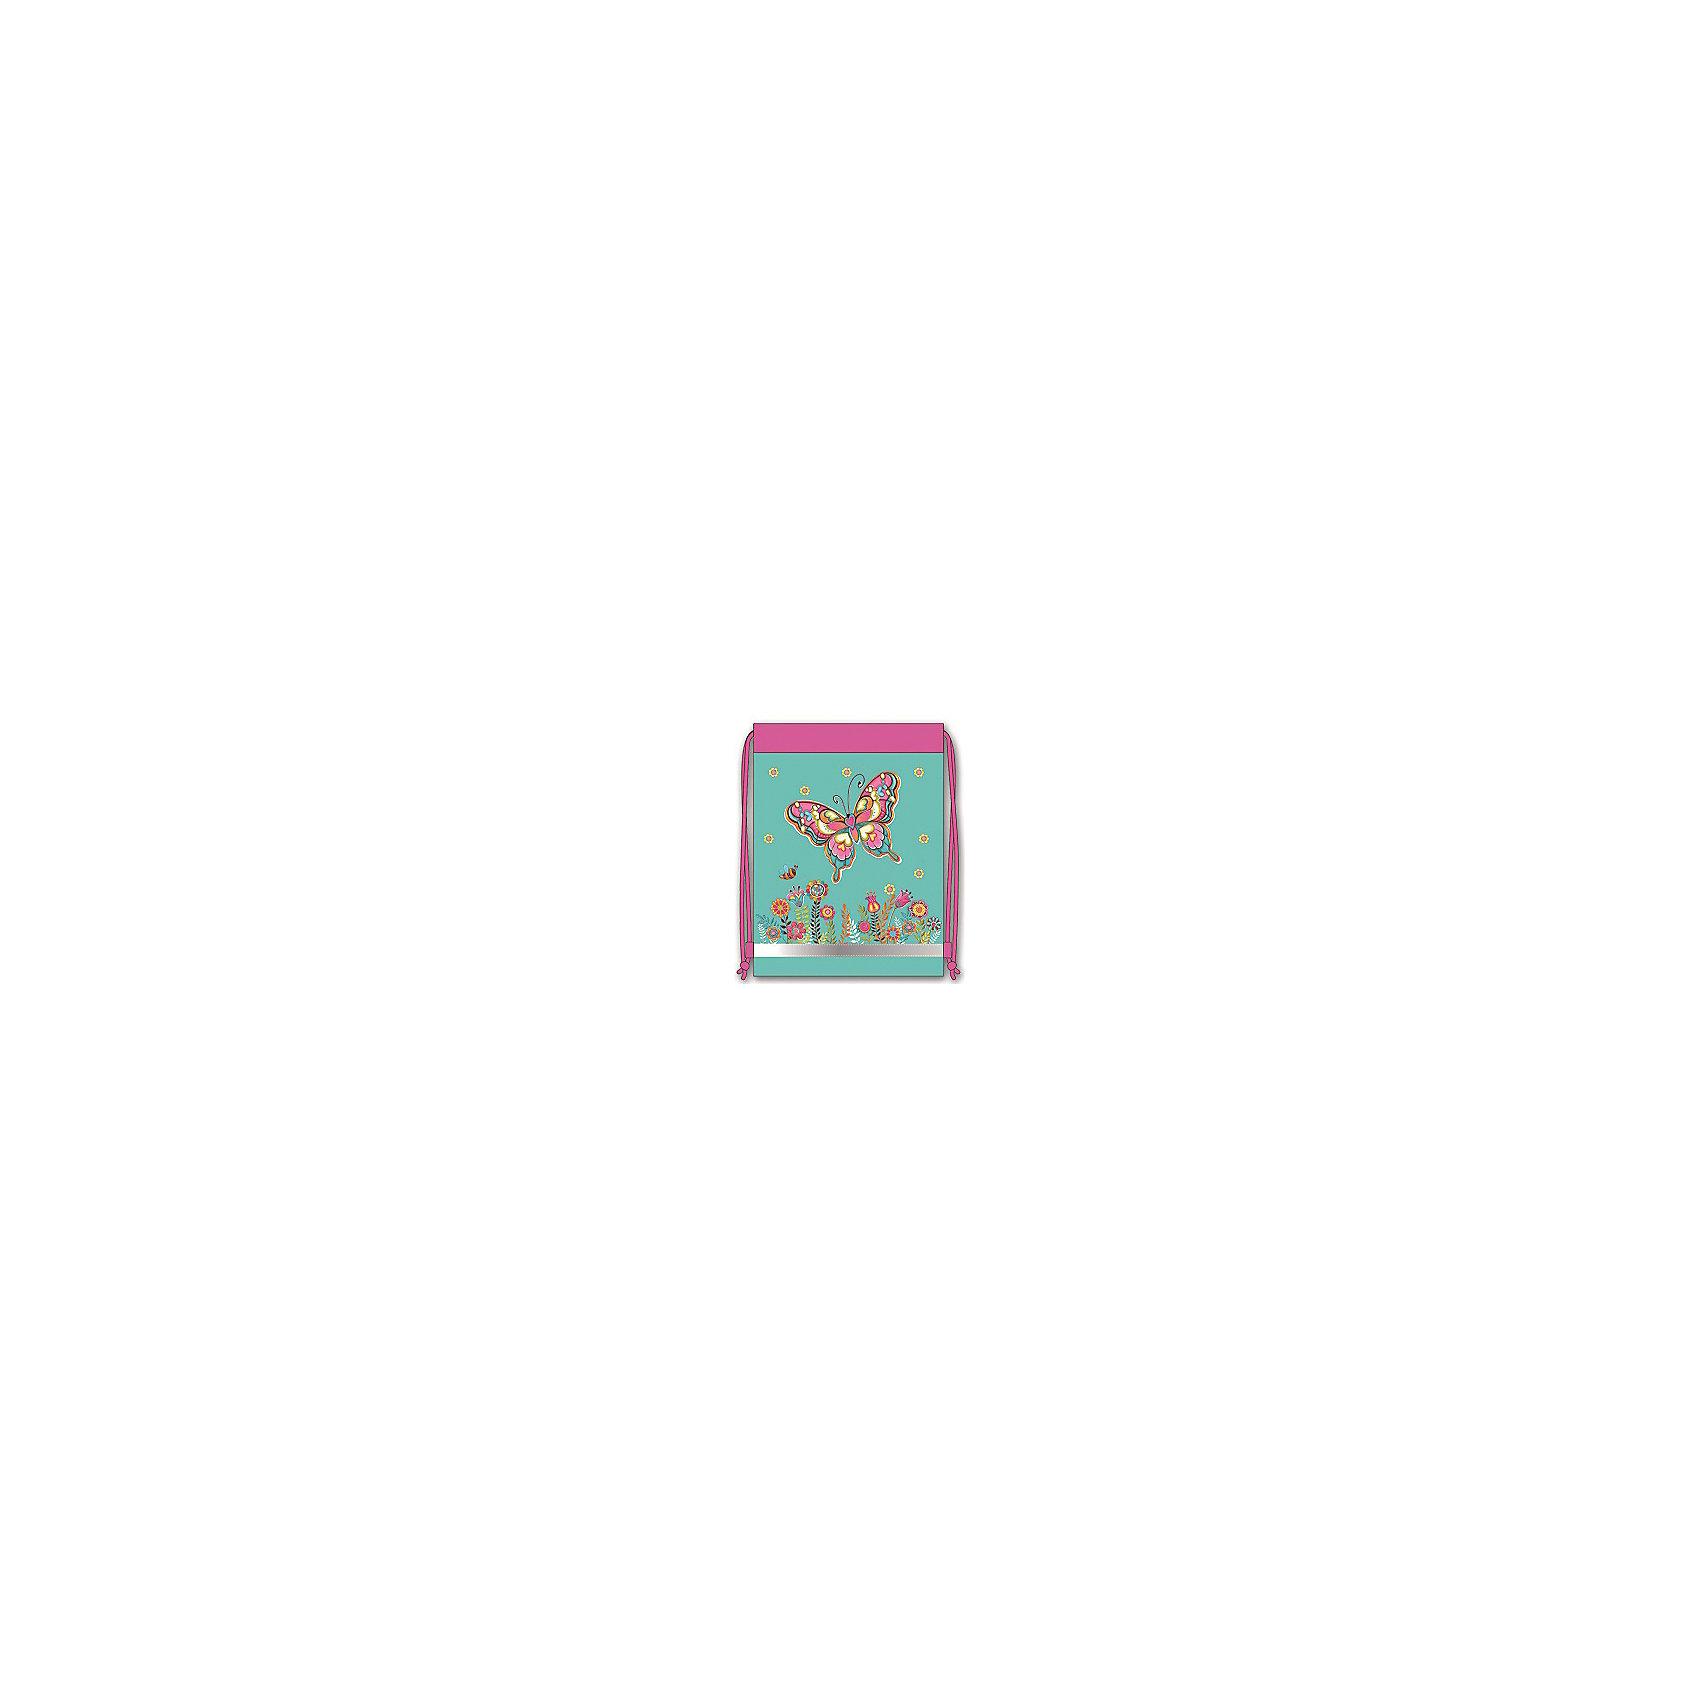 Феникс+ Мешок для обуви Радужная бабочка кресло мешок купить в магазине